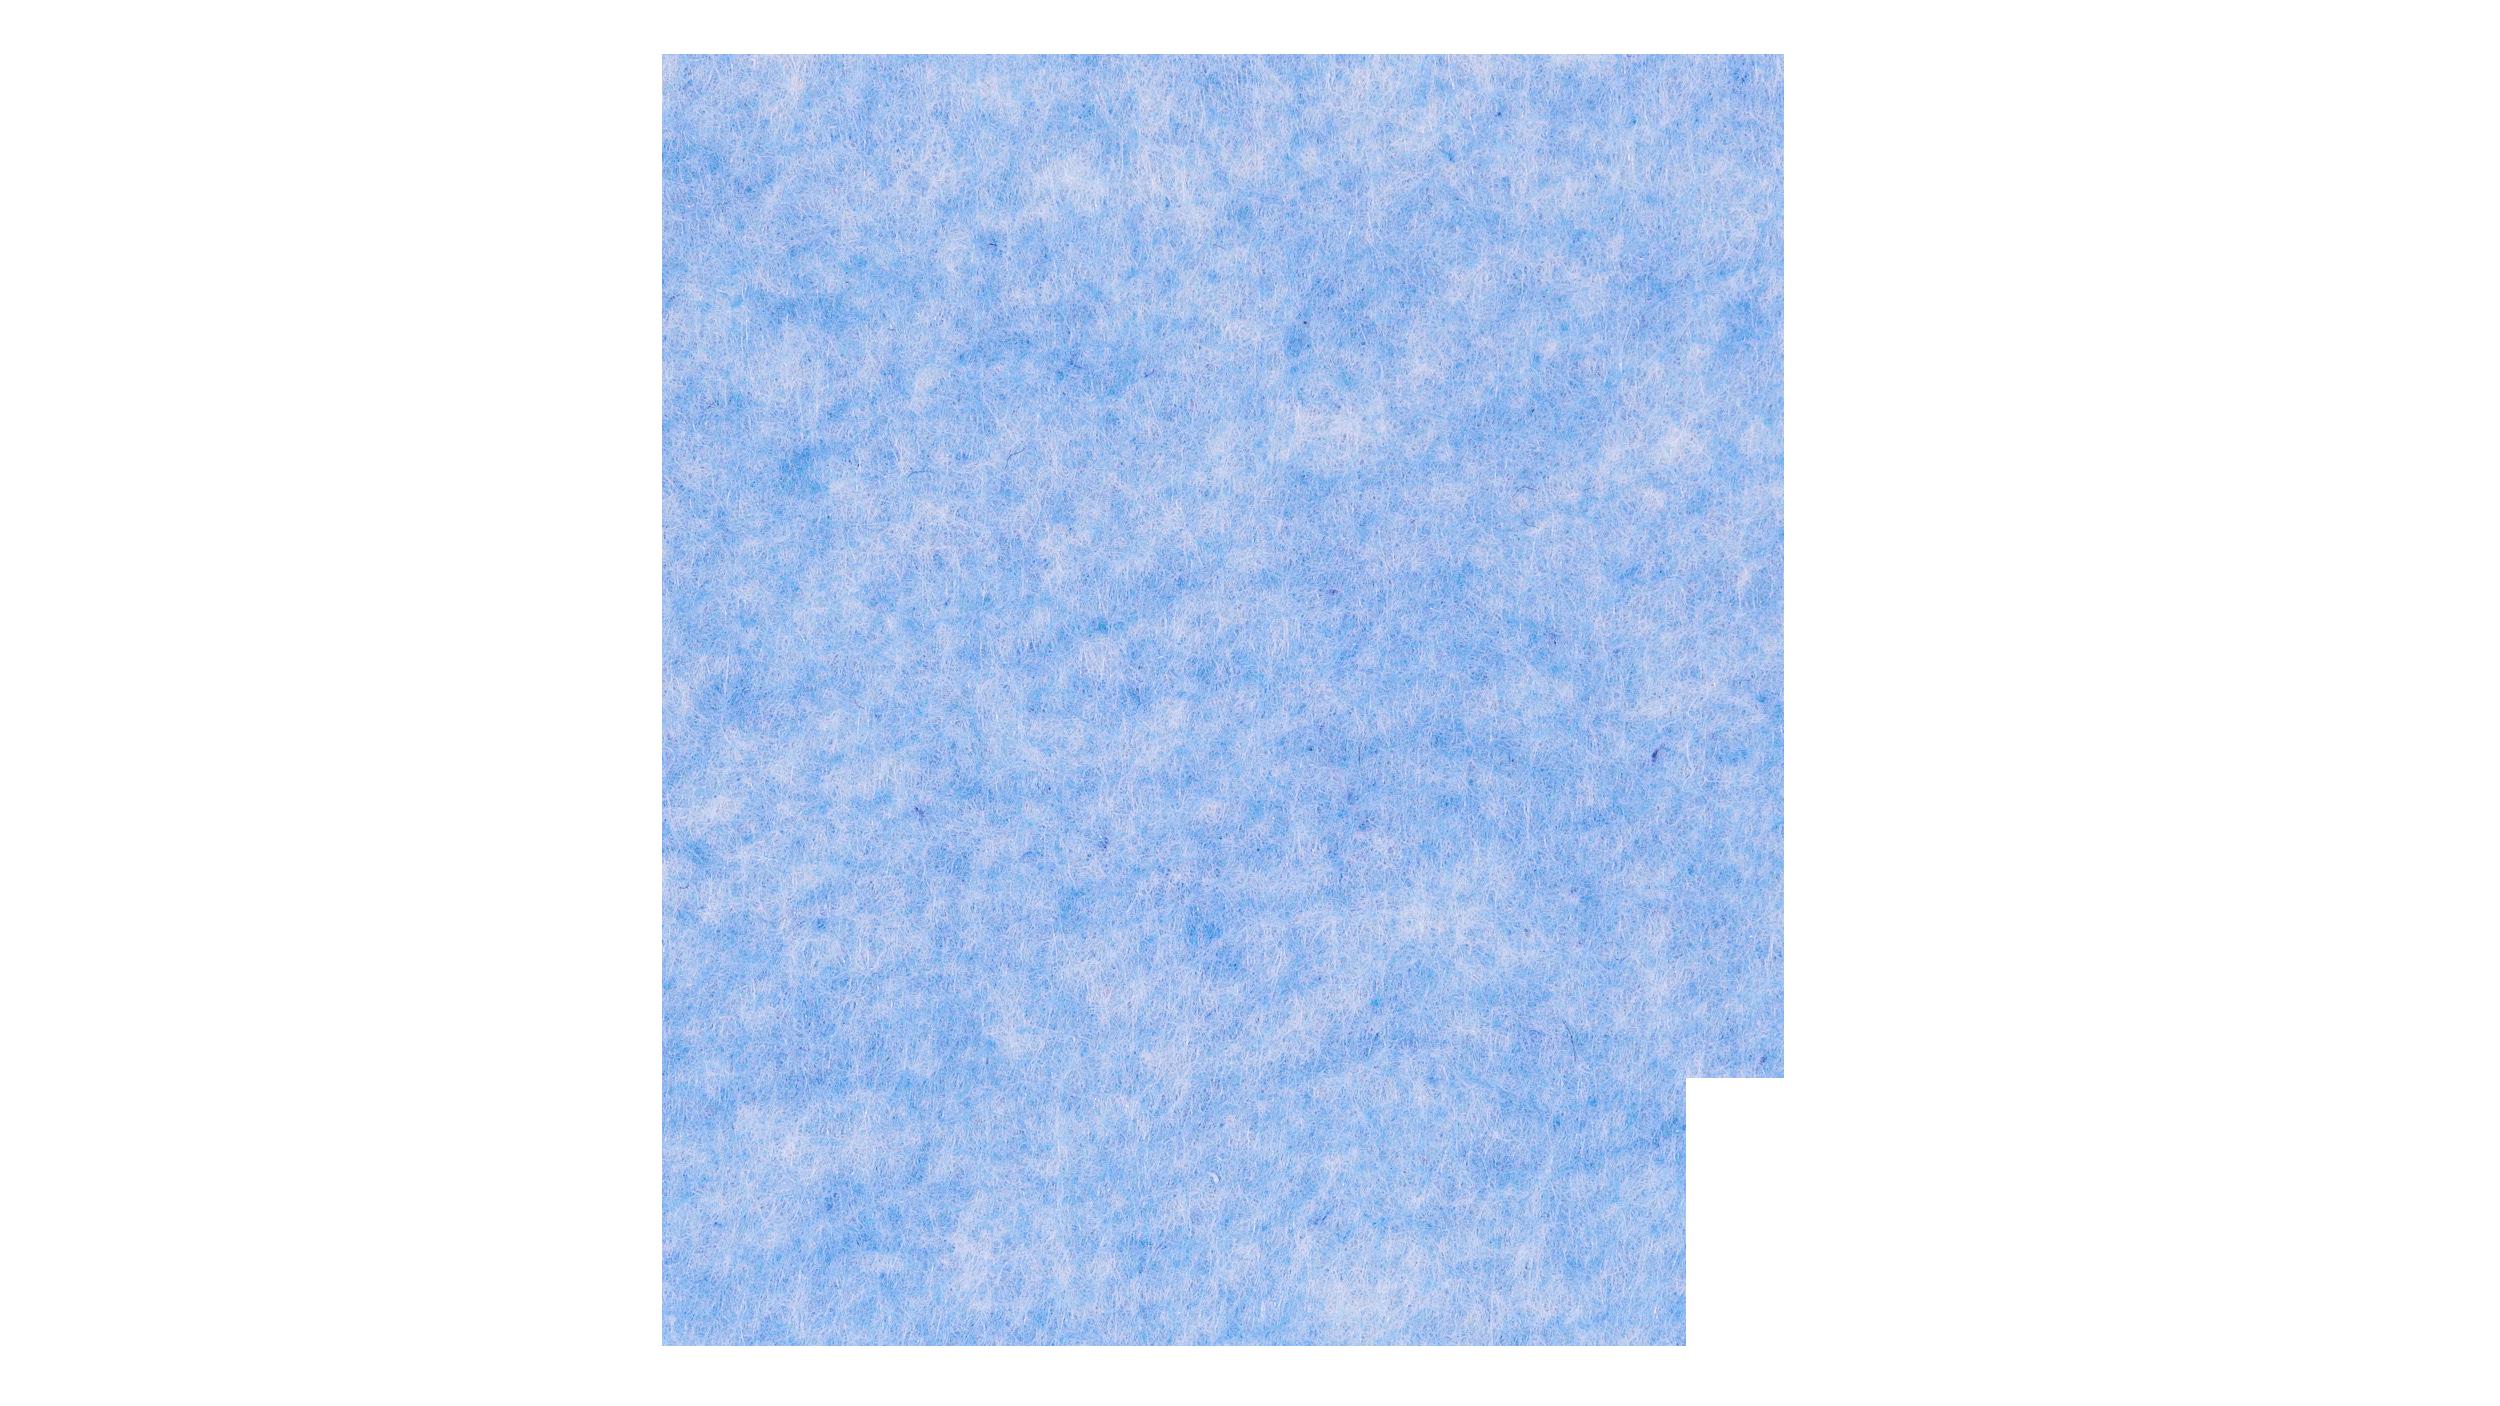 PETpanel - Light Blue - Kleurcode 14